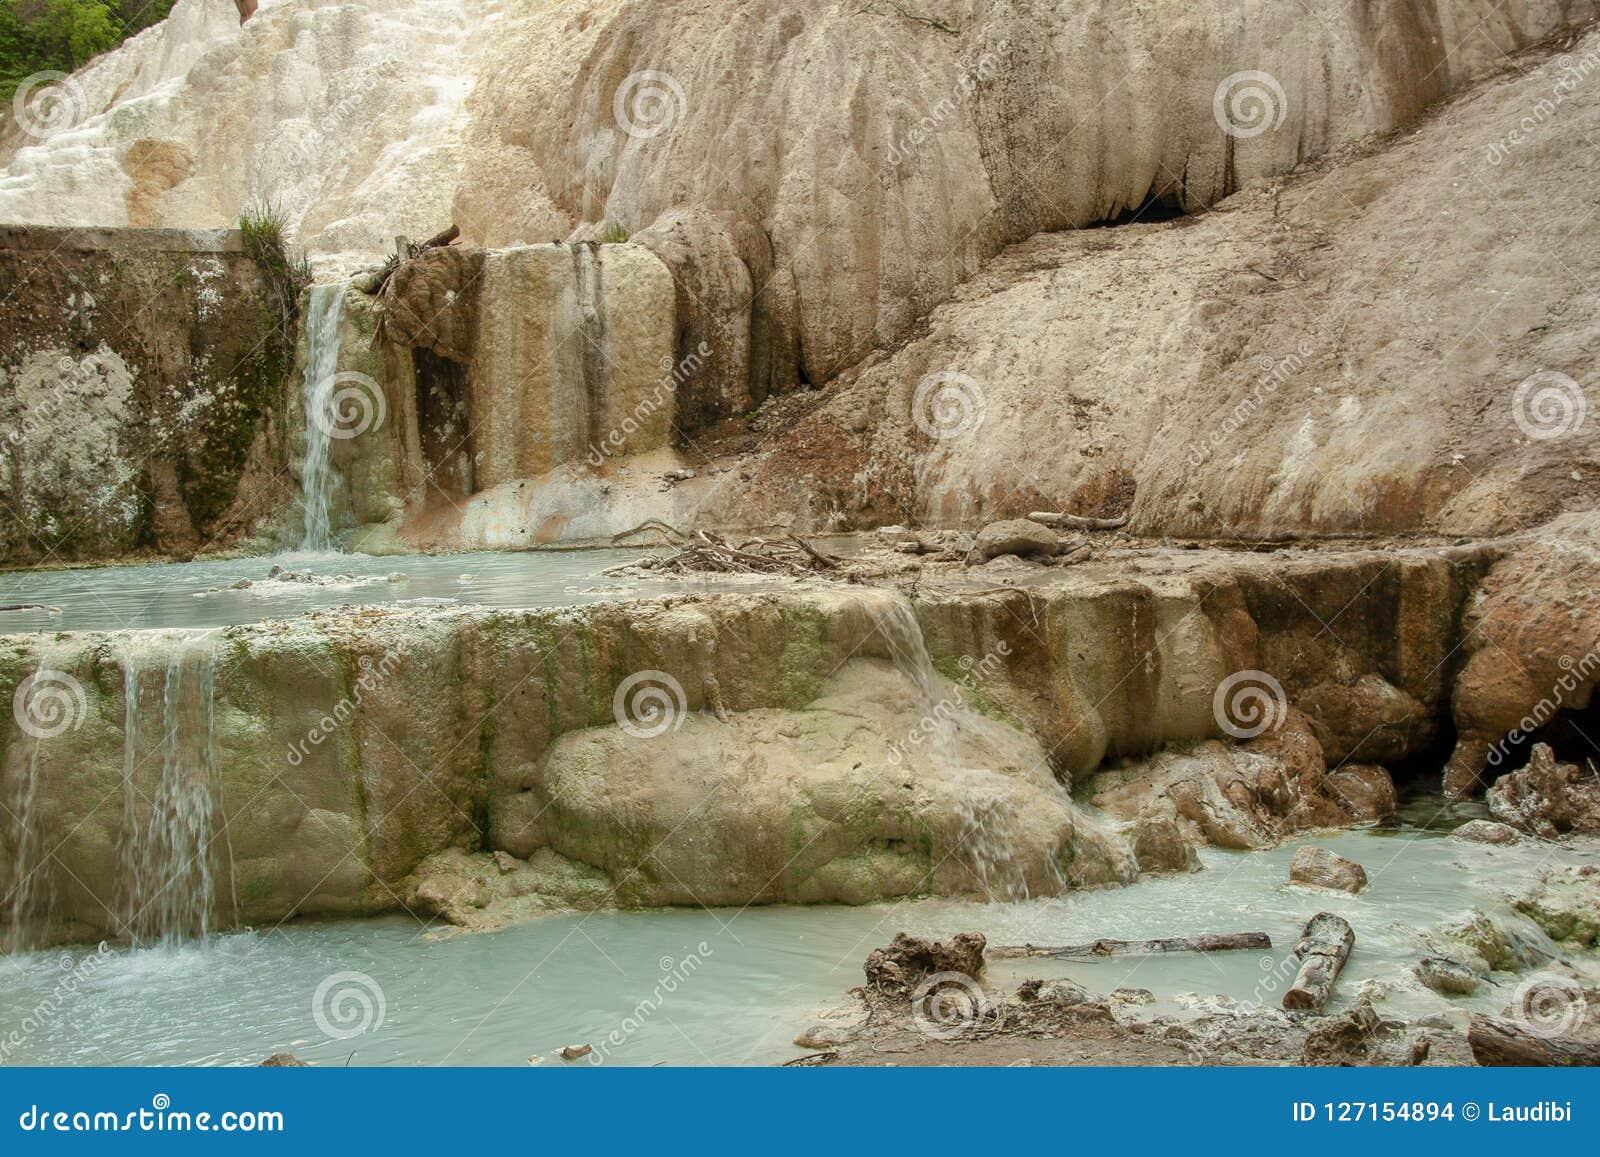 Primavera del agua termal de Bagni san Filippo